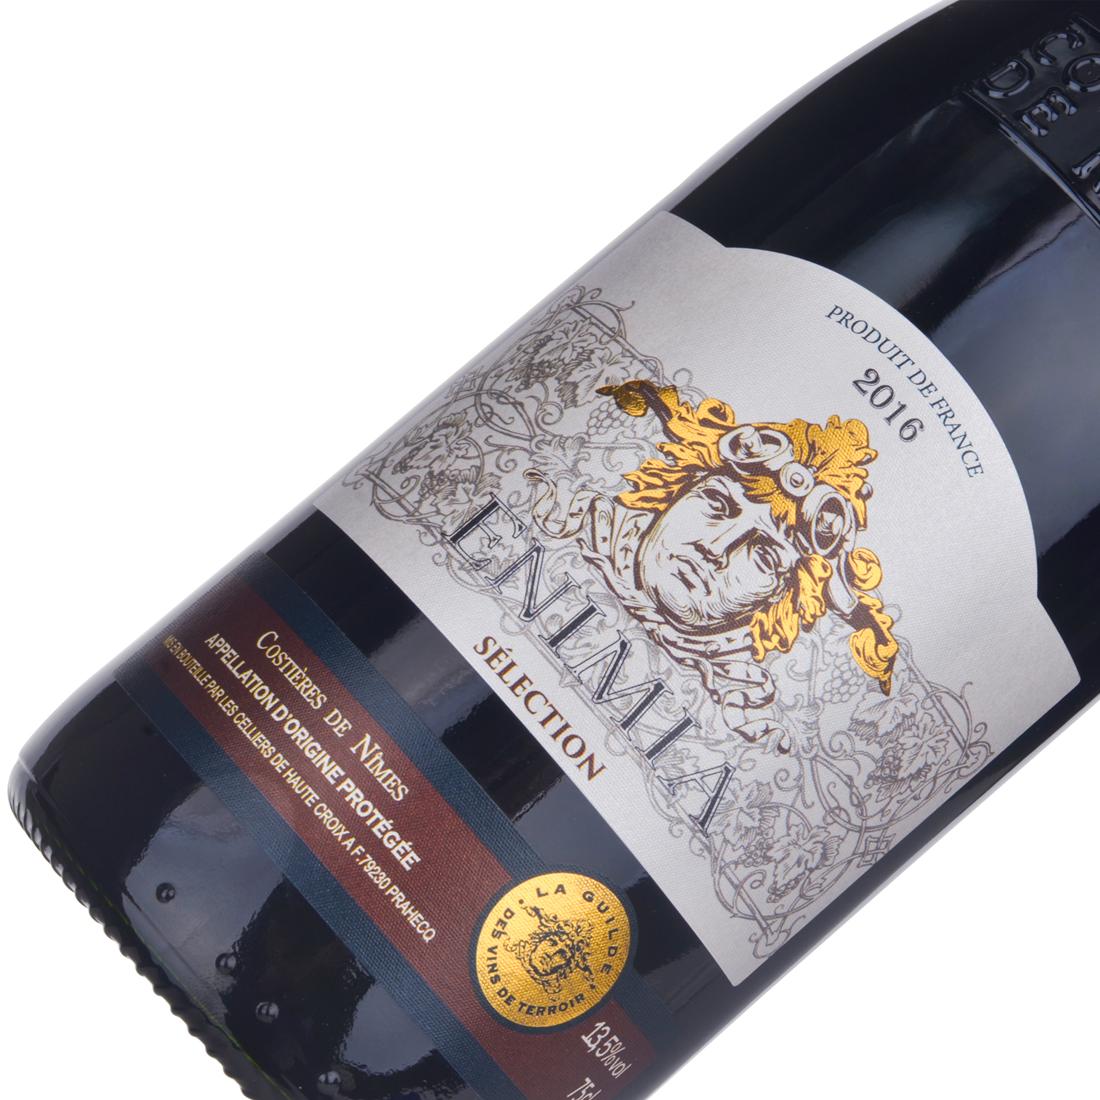 法国依米尼亚精选干红葡萄酒2016